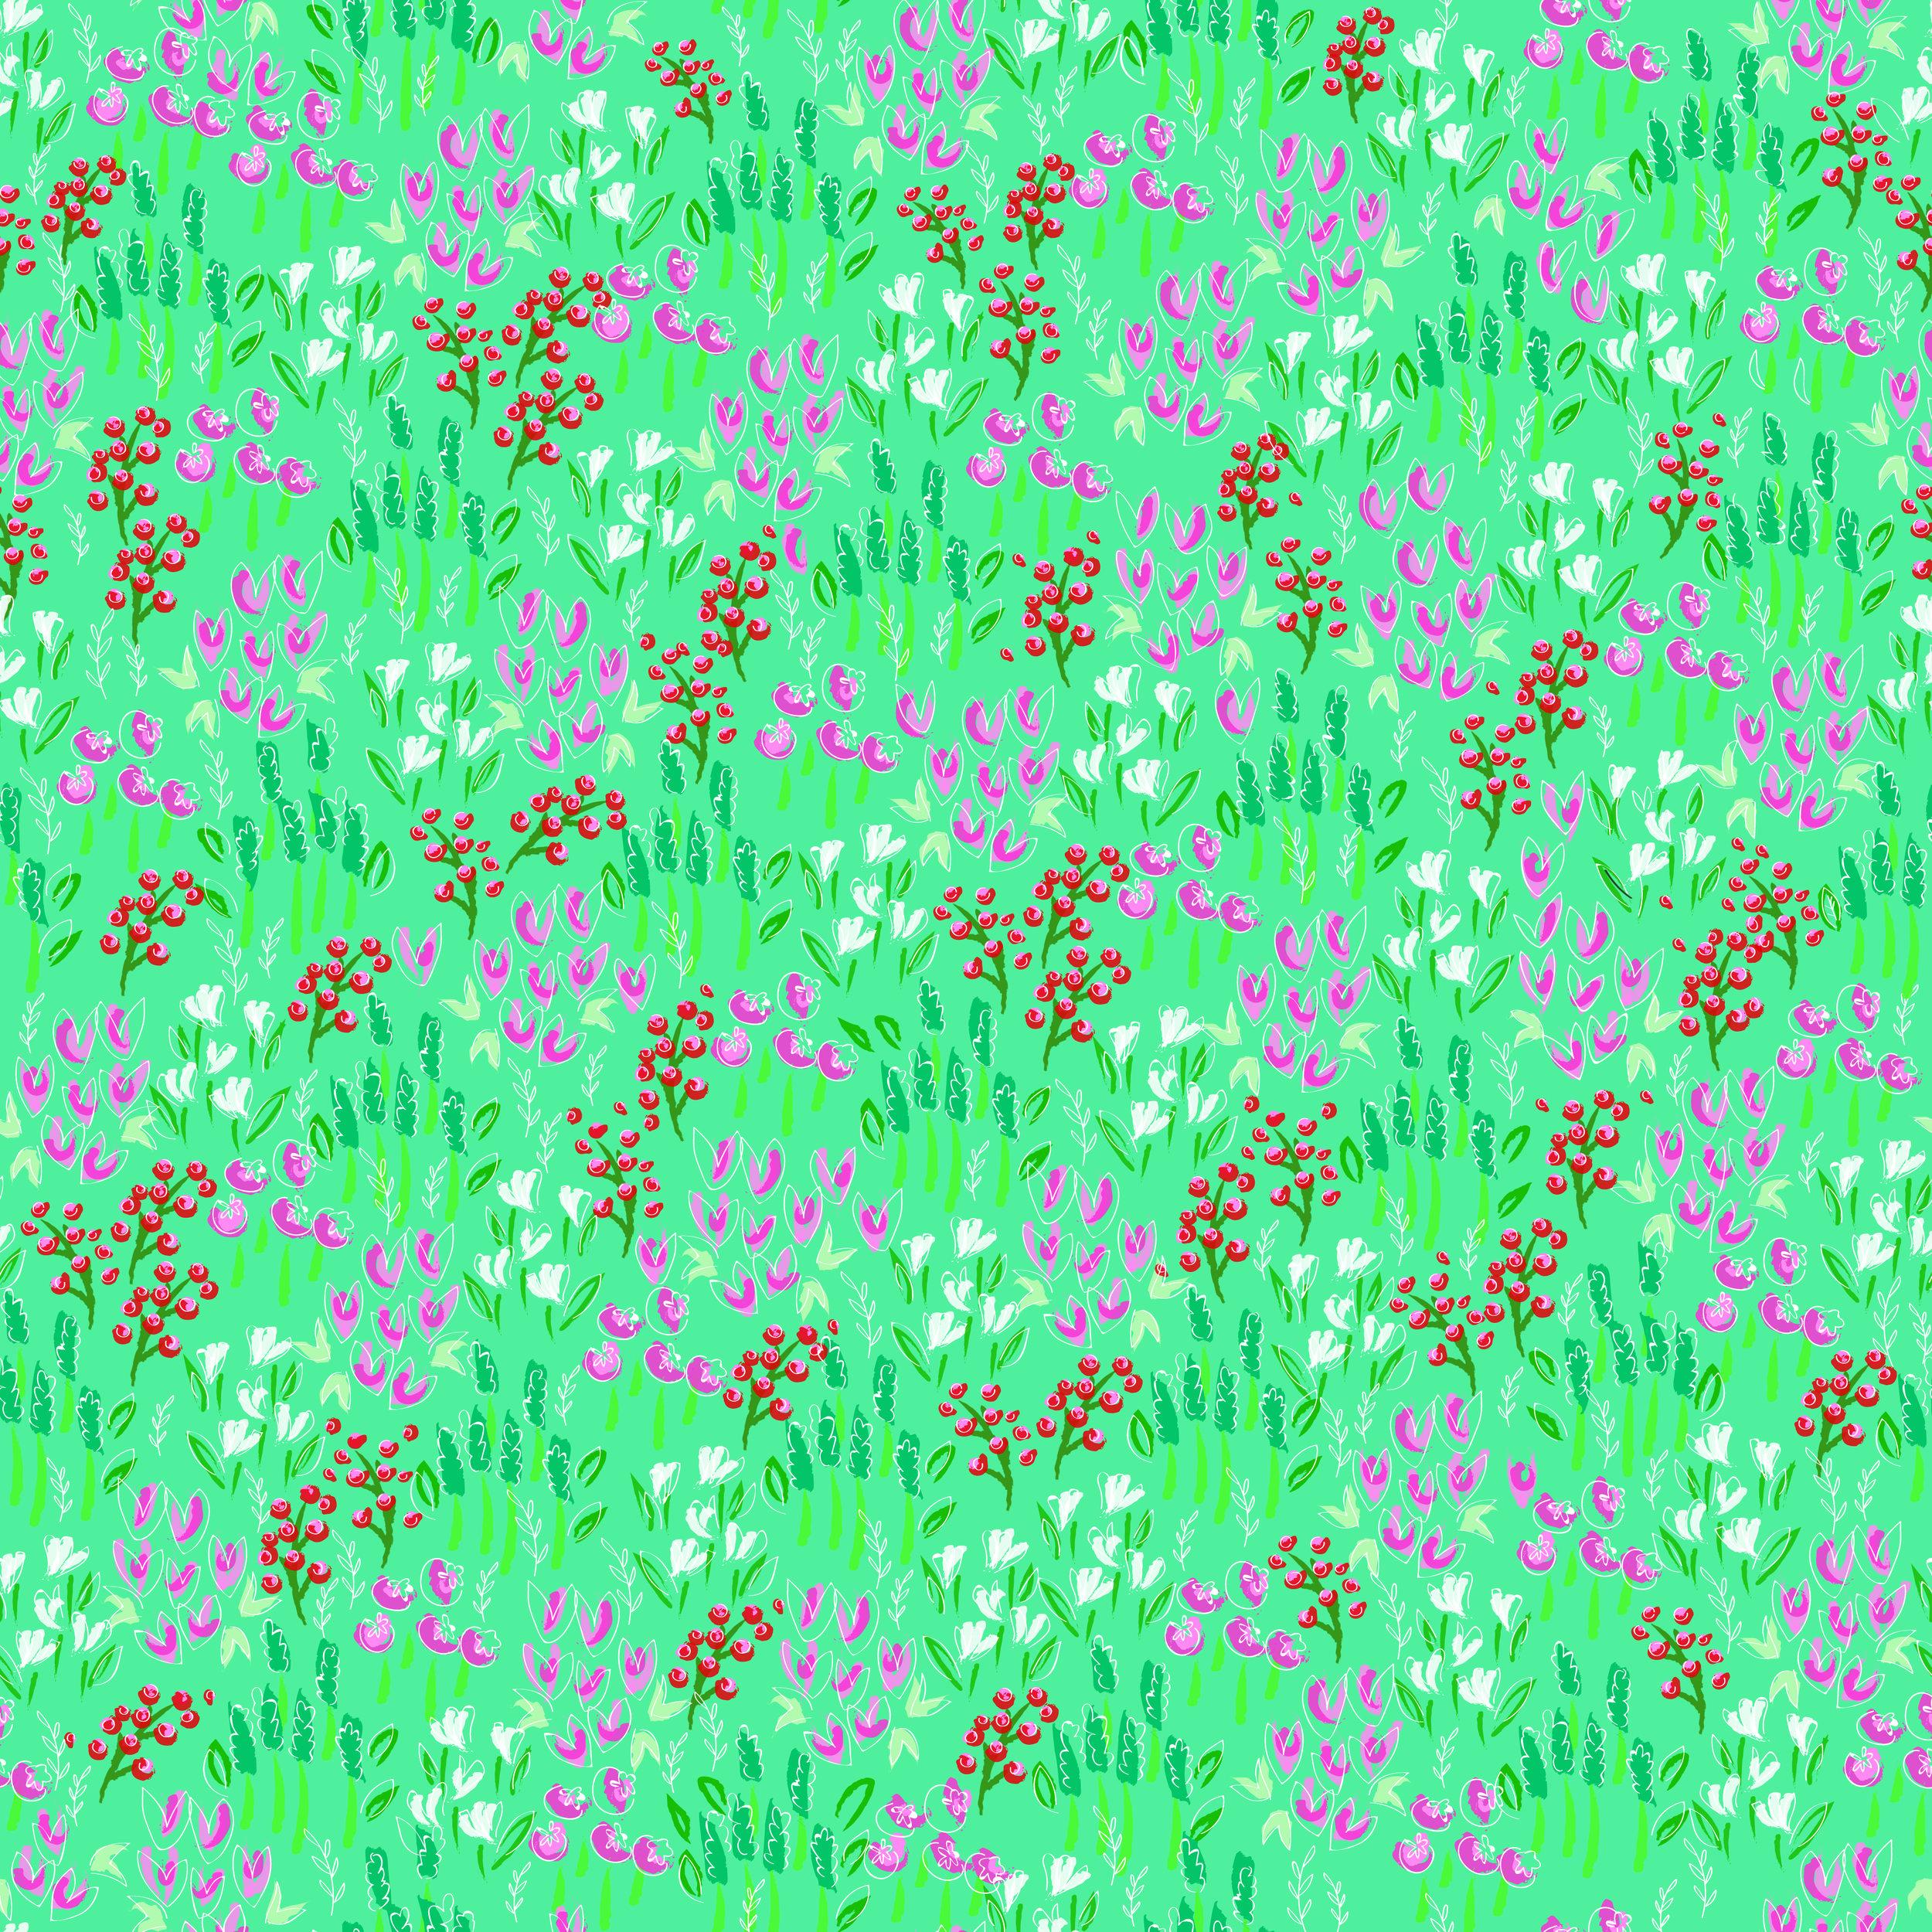 field of flowers teal-01.jpg